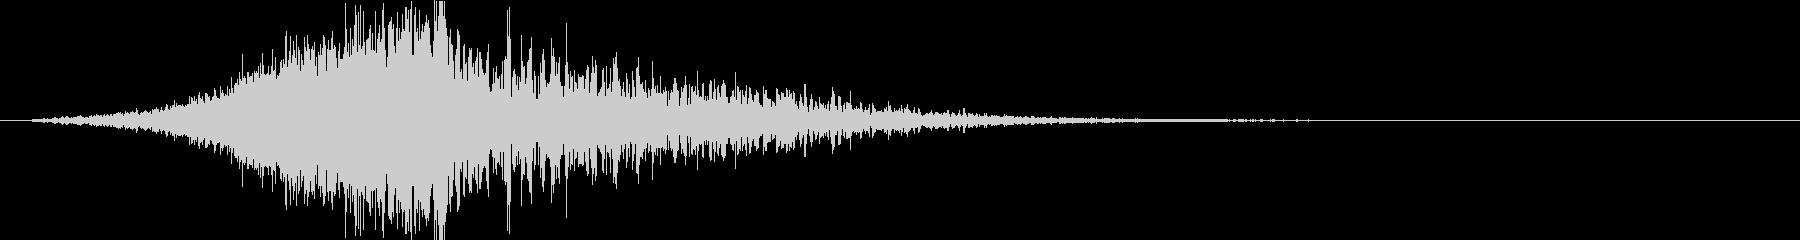 インパクト①(重低音・映画・トレーラー)の未再生の波形